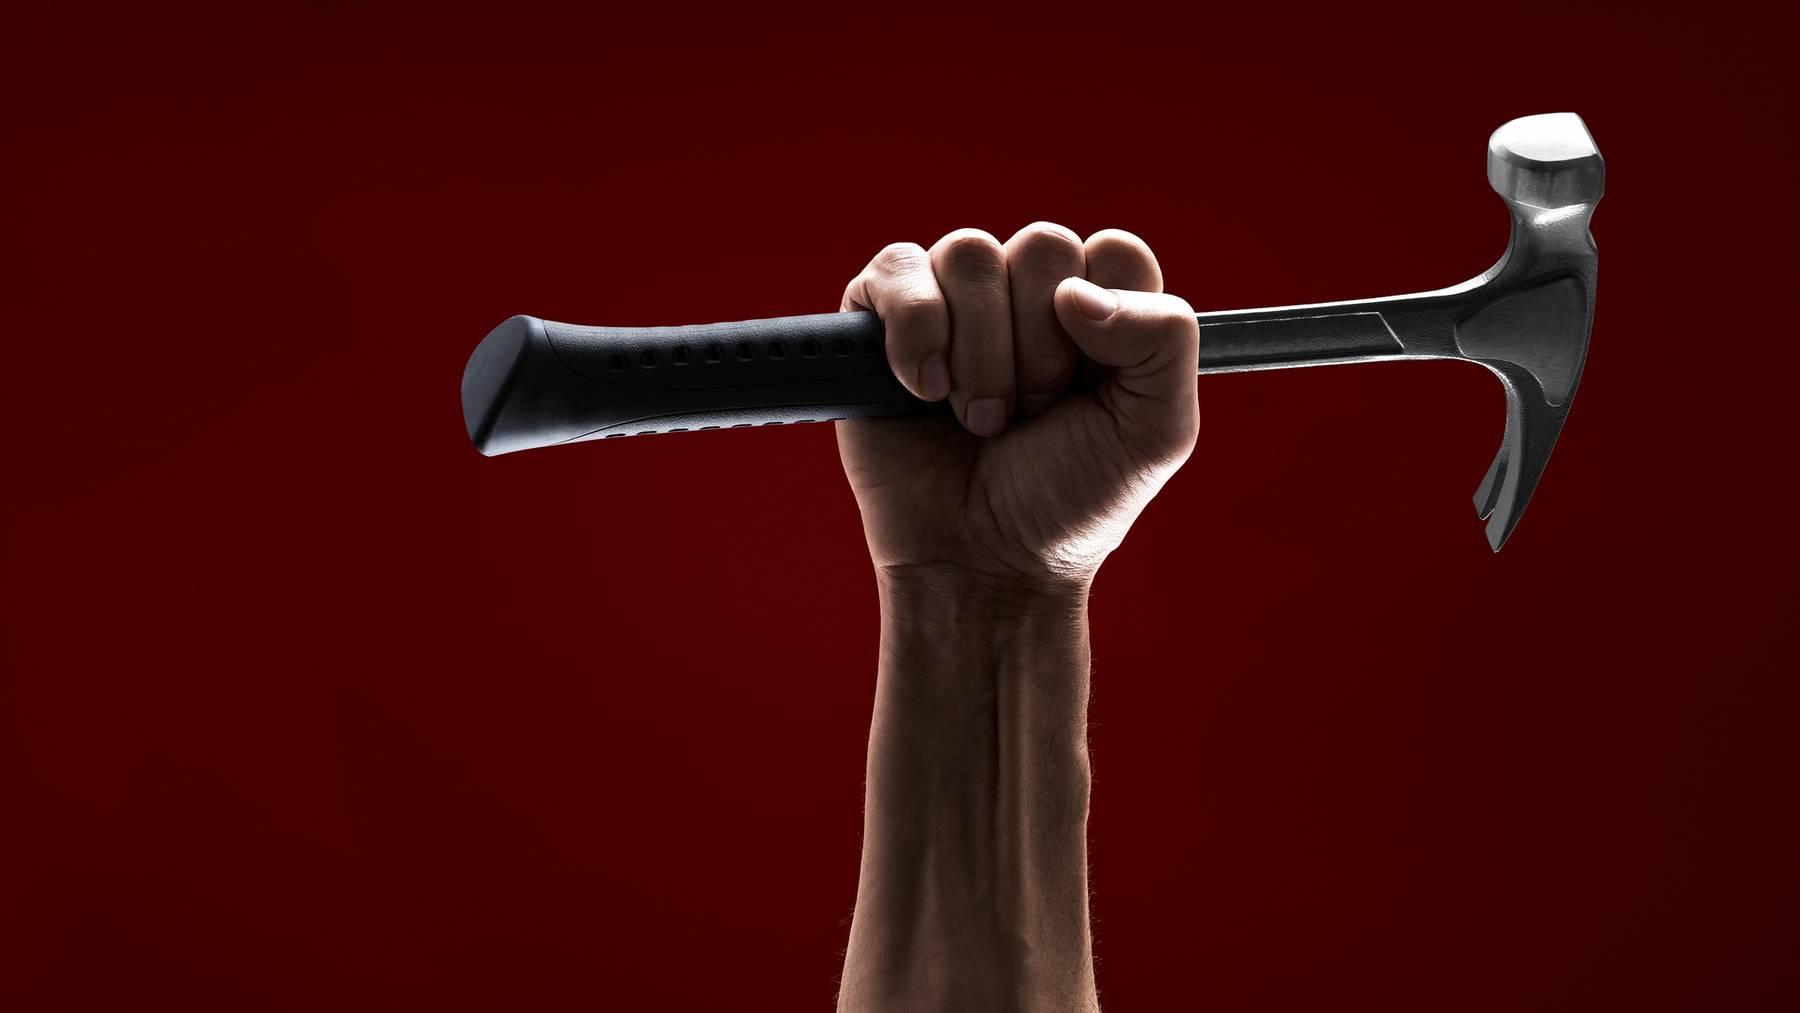 Hammer (Symbolbild)